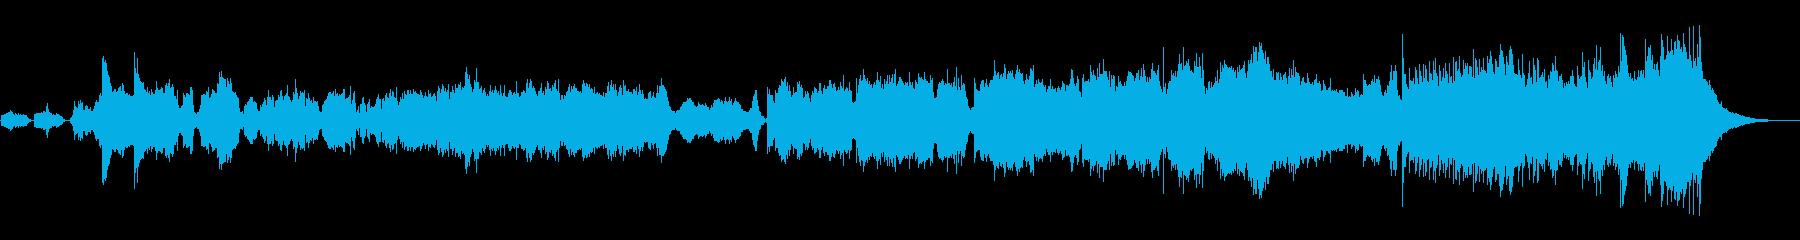 大河ドラマのような'和オーケストラ'楽曲の再生済みの波形